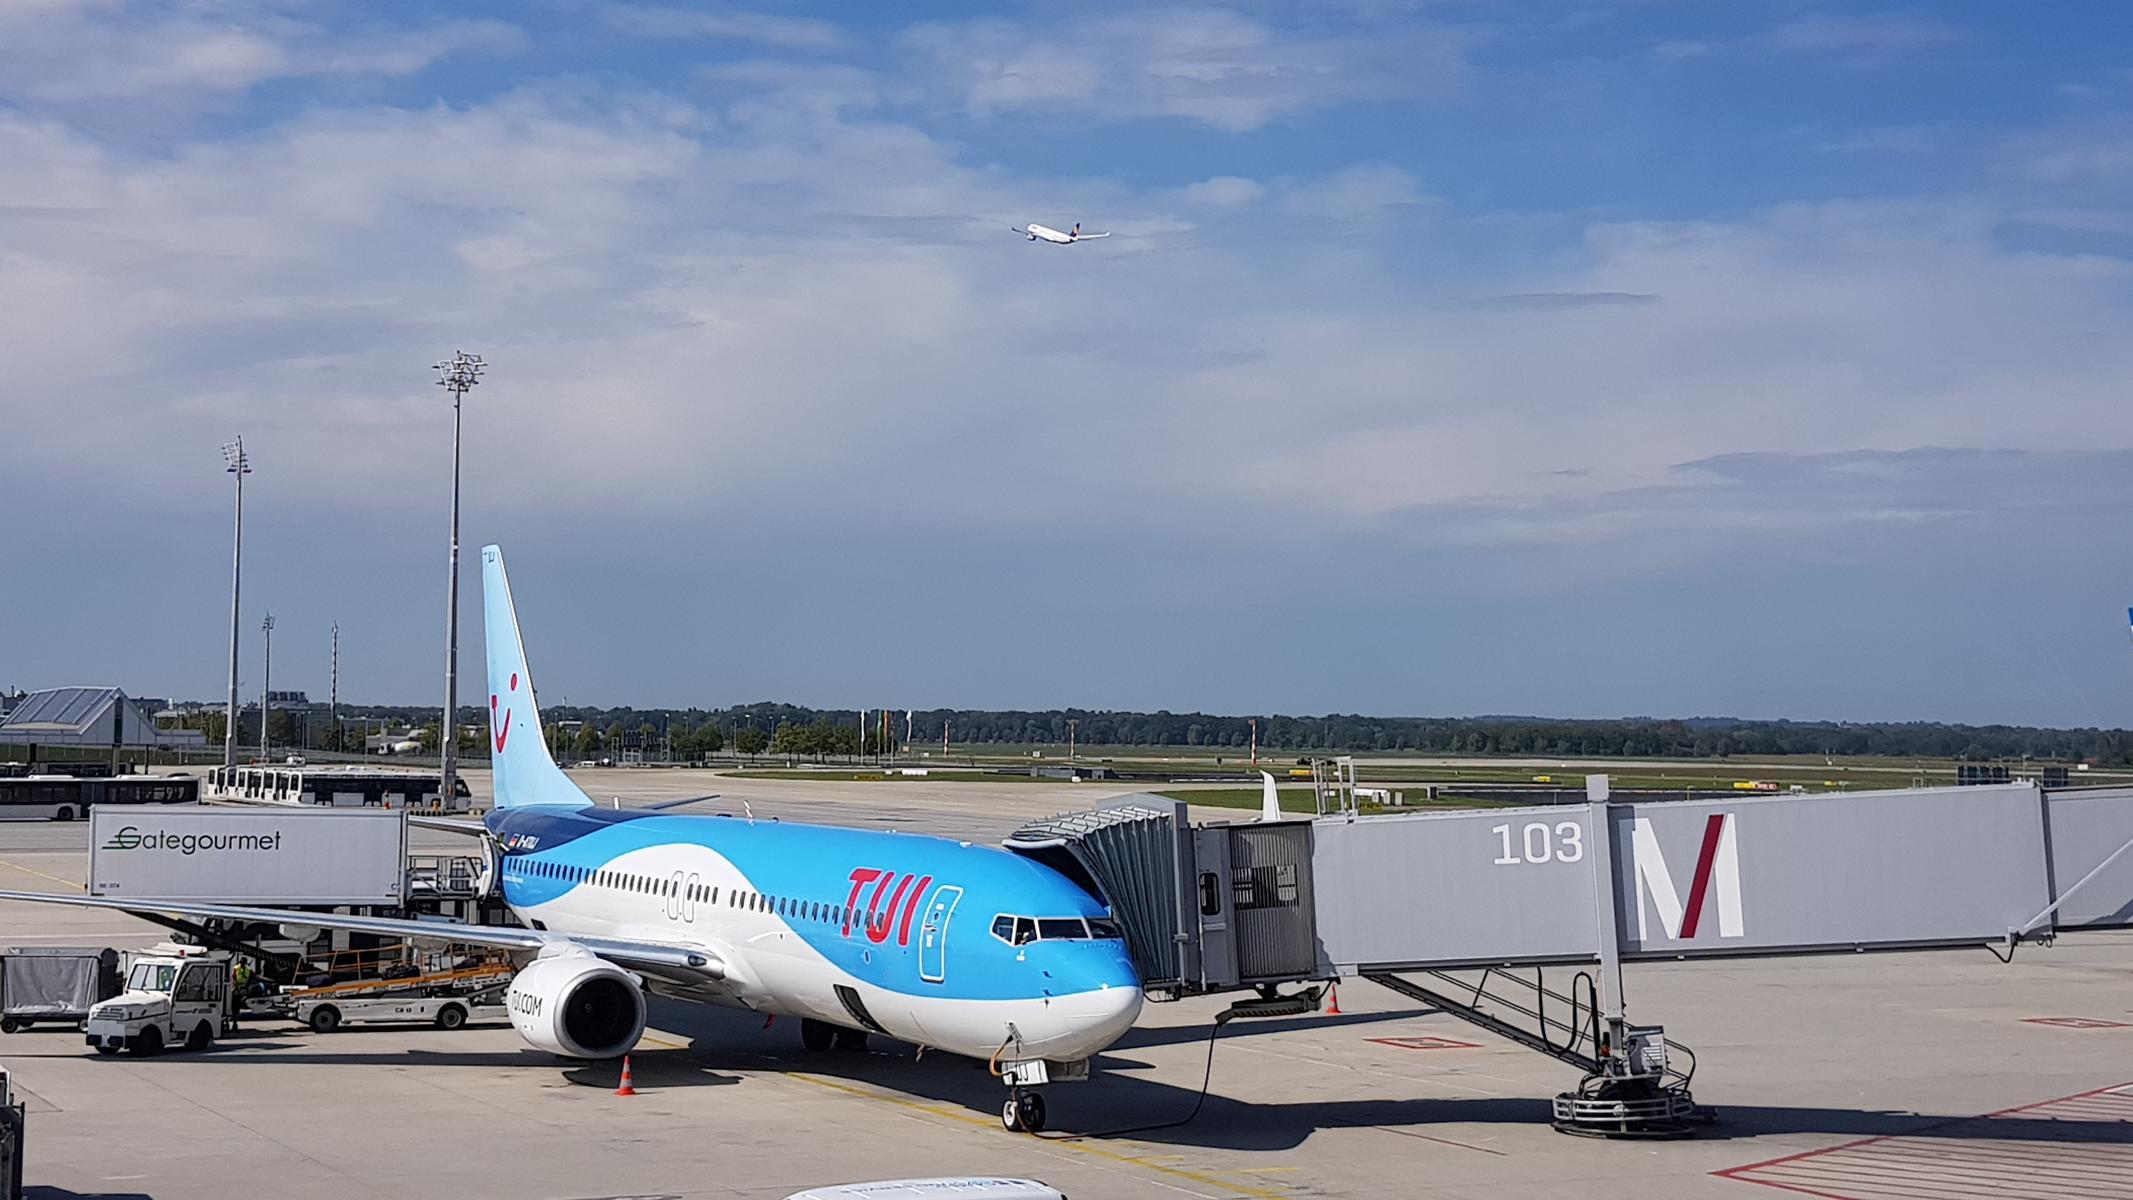 0 TUIfly Flughafen Muenchen Fliegen mit Kleinkind